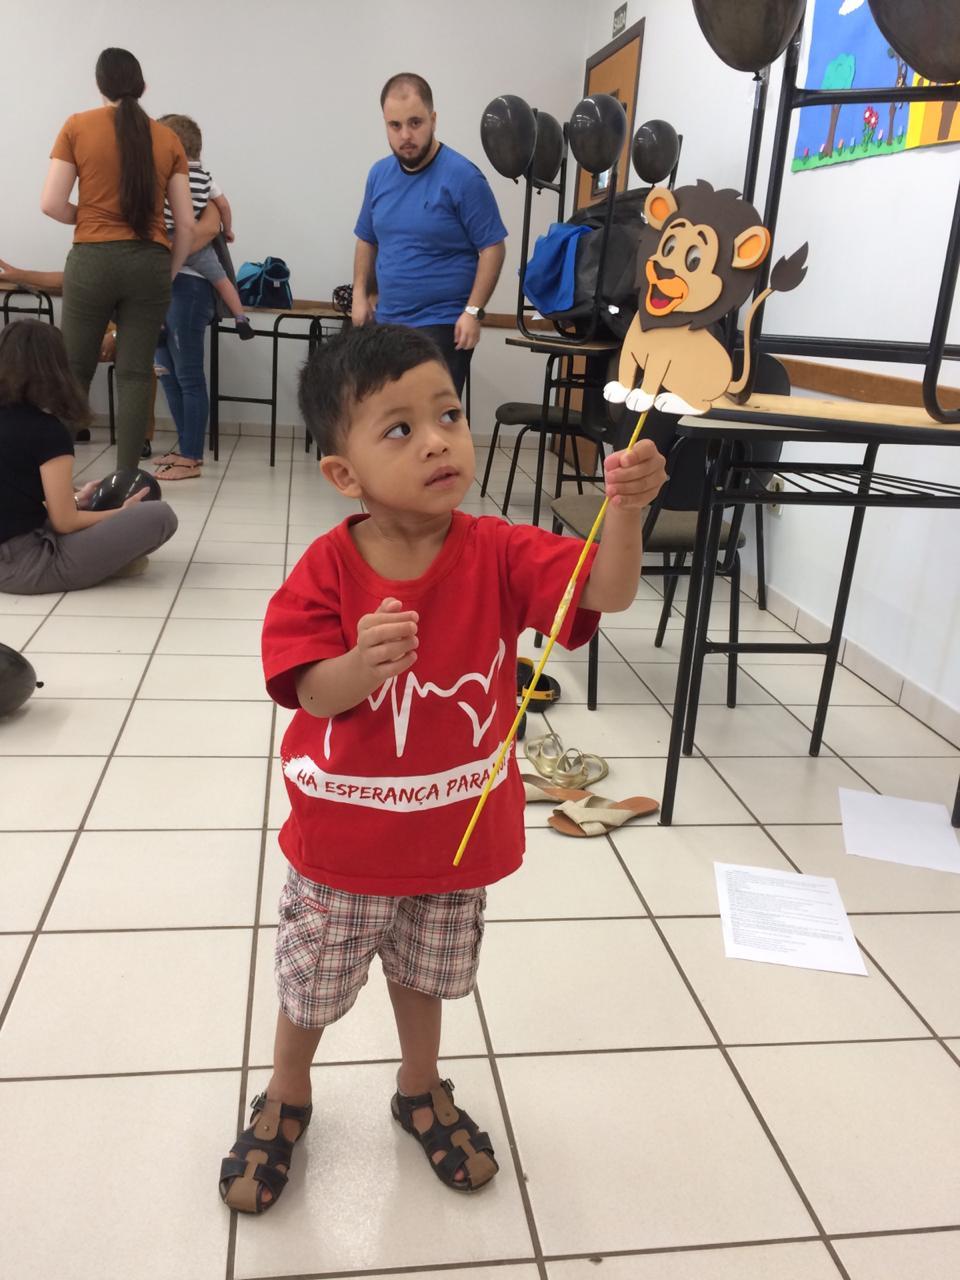 fotos convenção 2019 aula crianças domingo manhã 03-03_2019 (3)